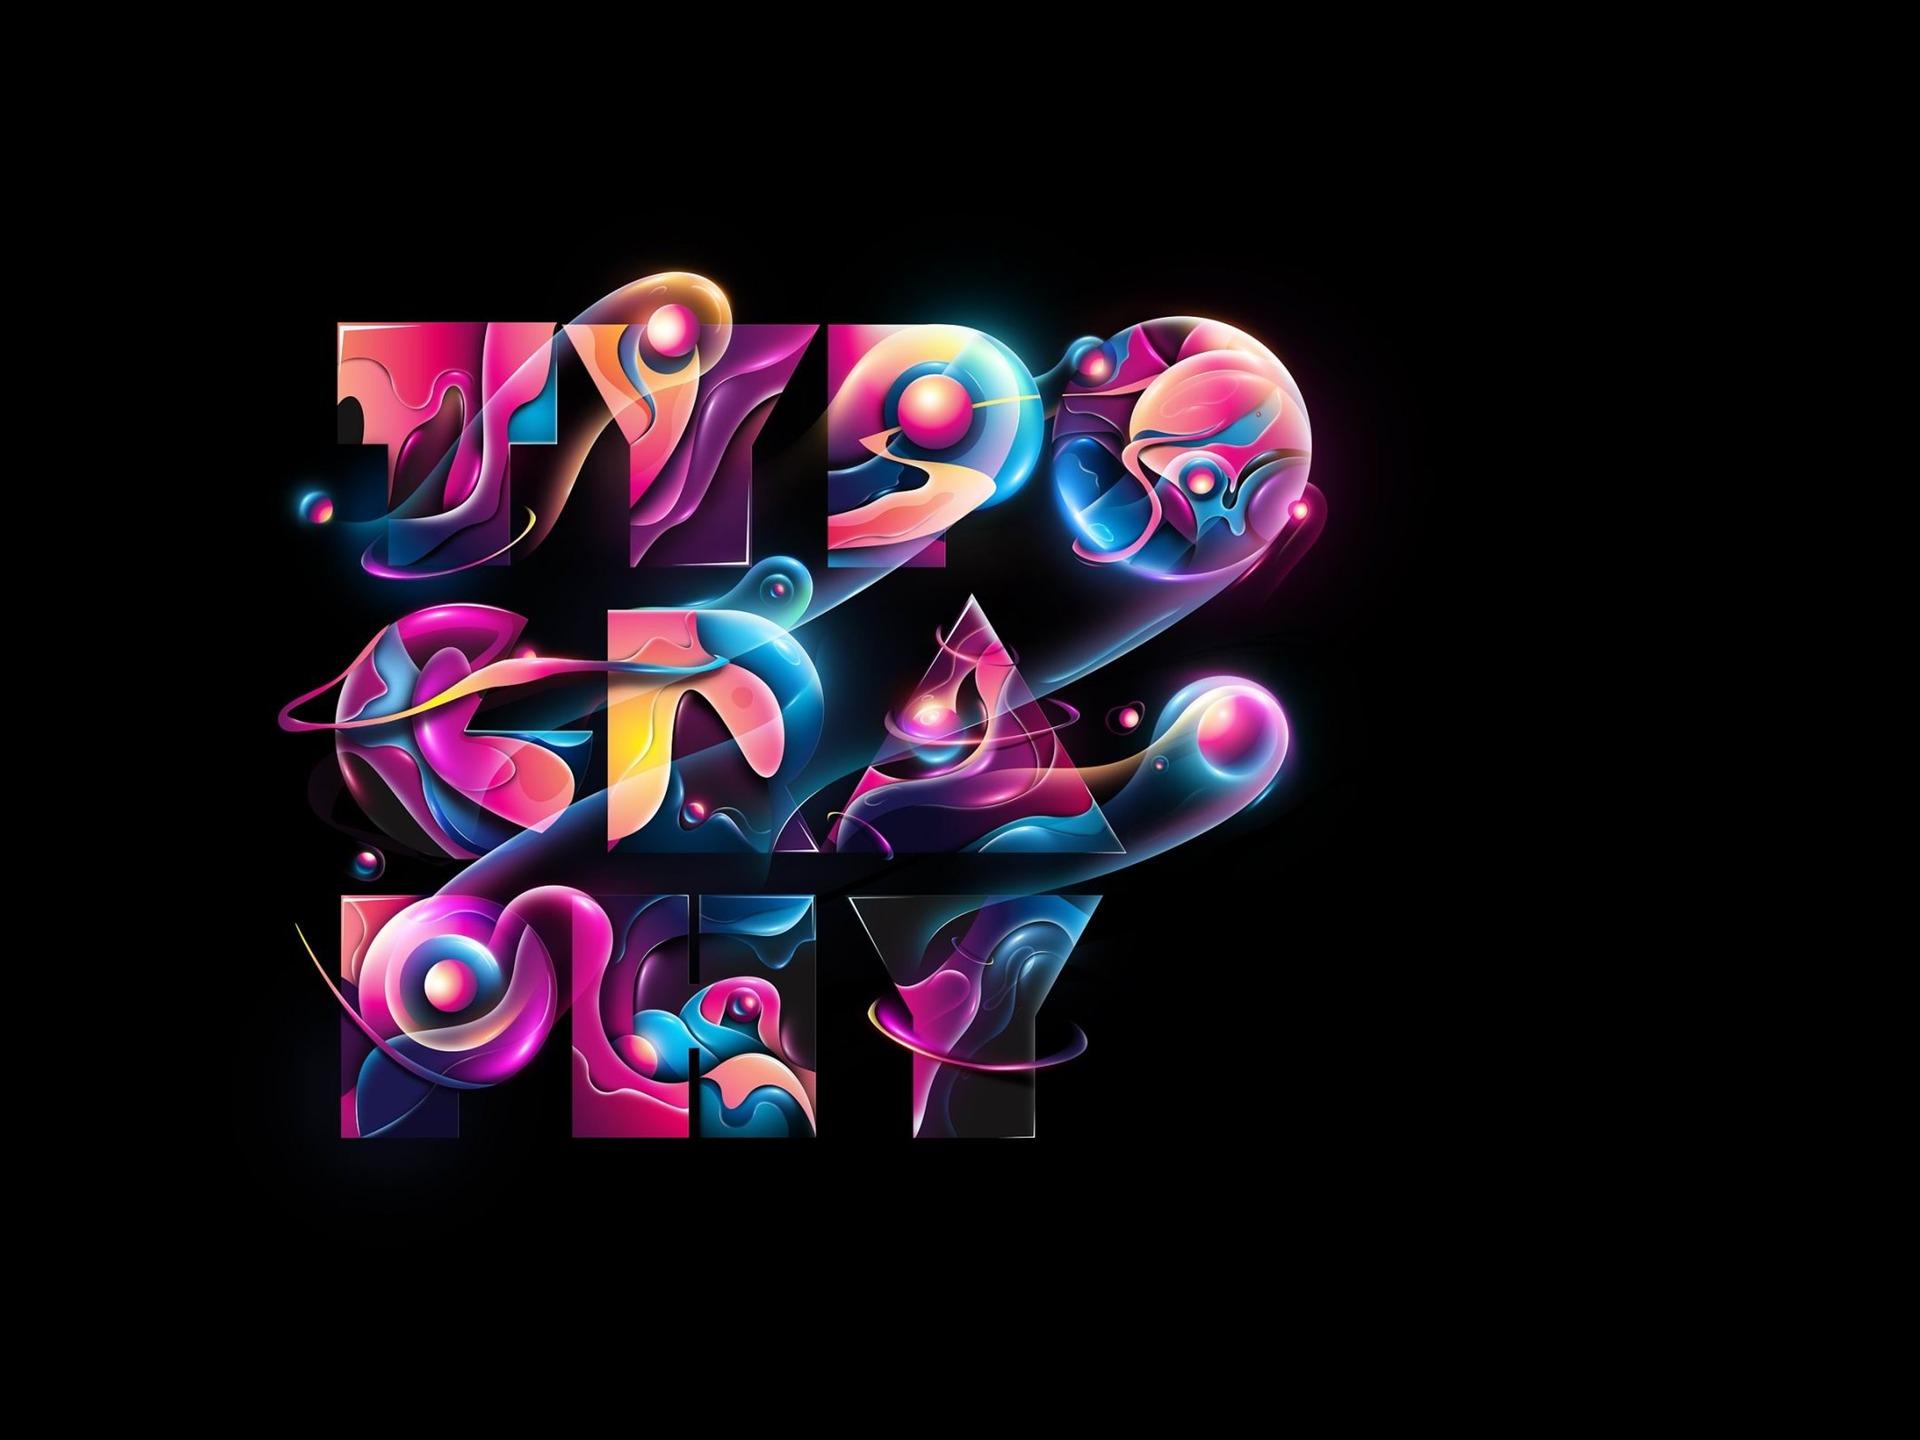 Graphic desktop wallpaper wallpapersafari - Graphic design desktop wallpaper hd ...